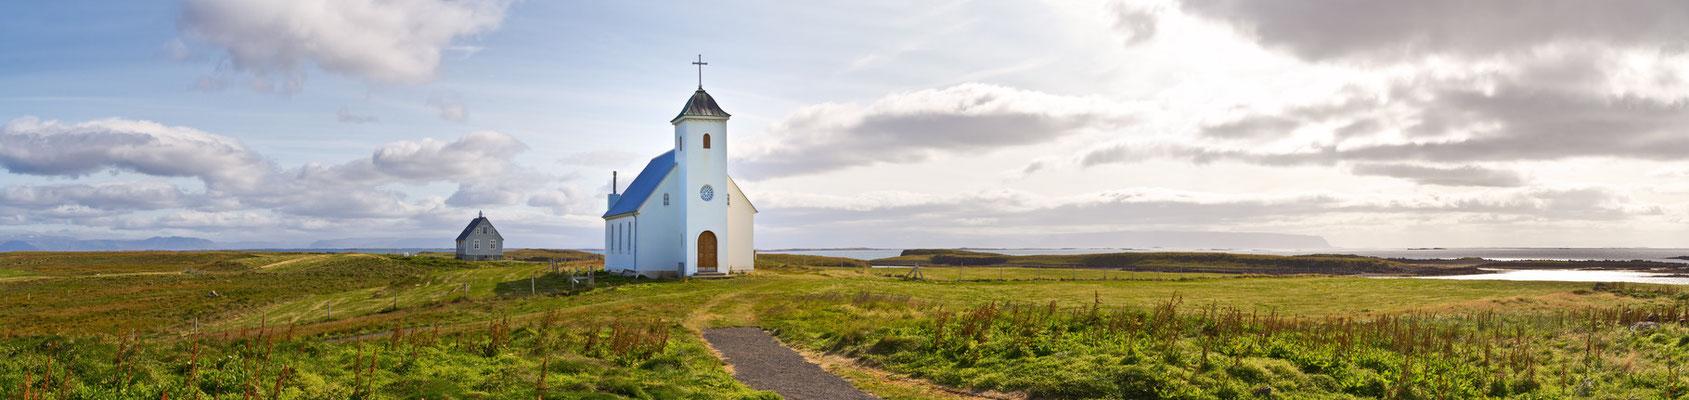 Kirche von Flatey - Island